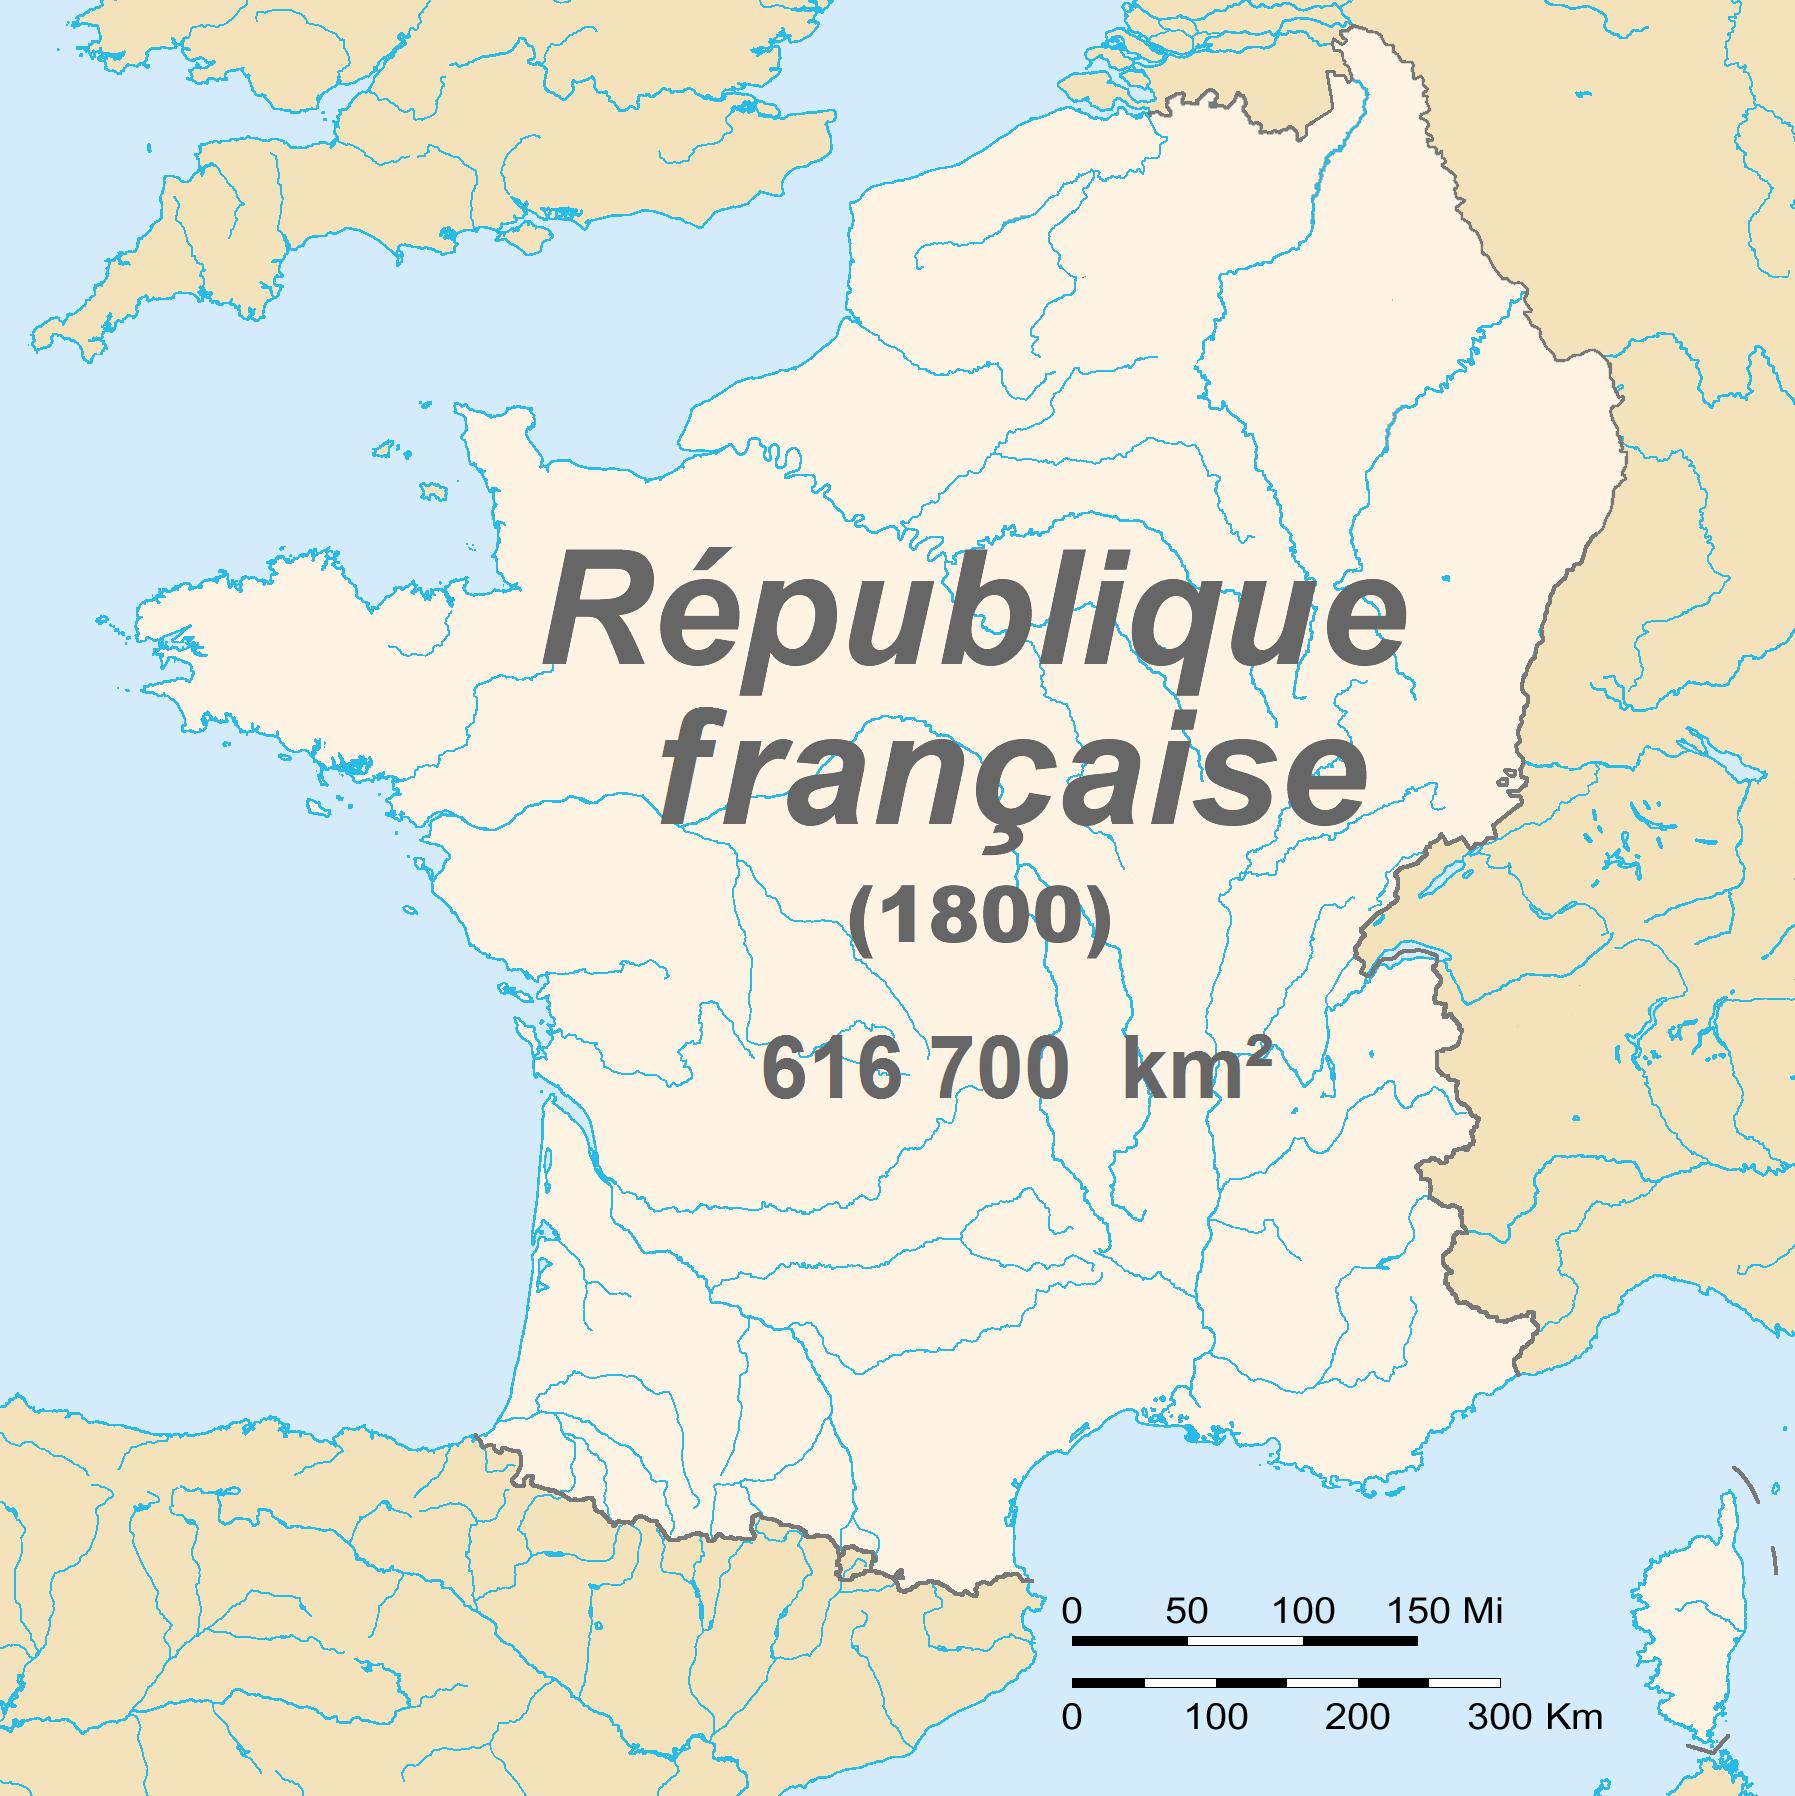 1800 in France